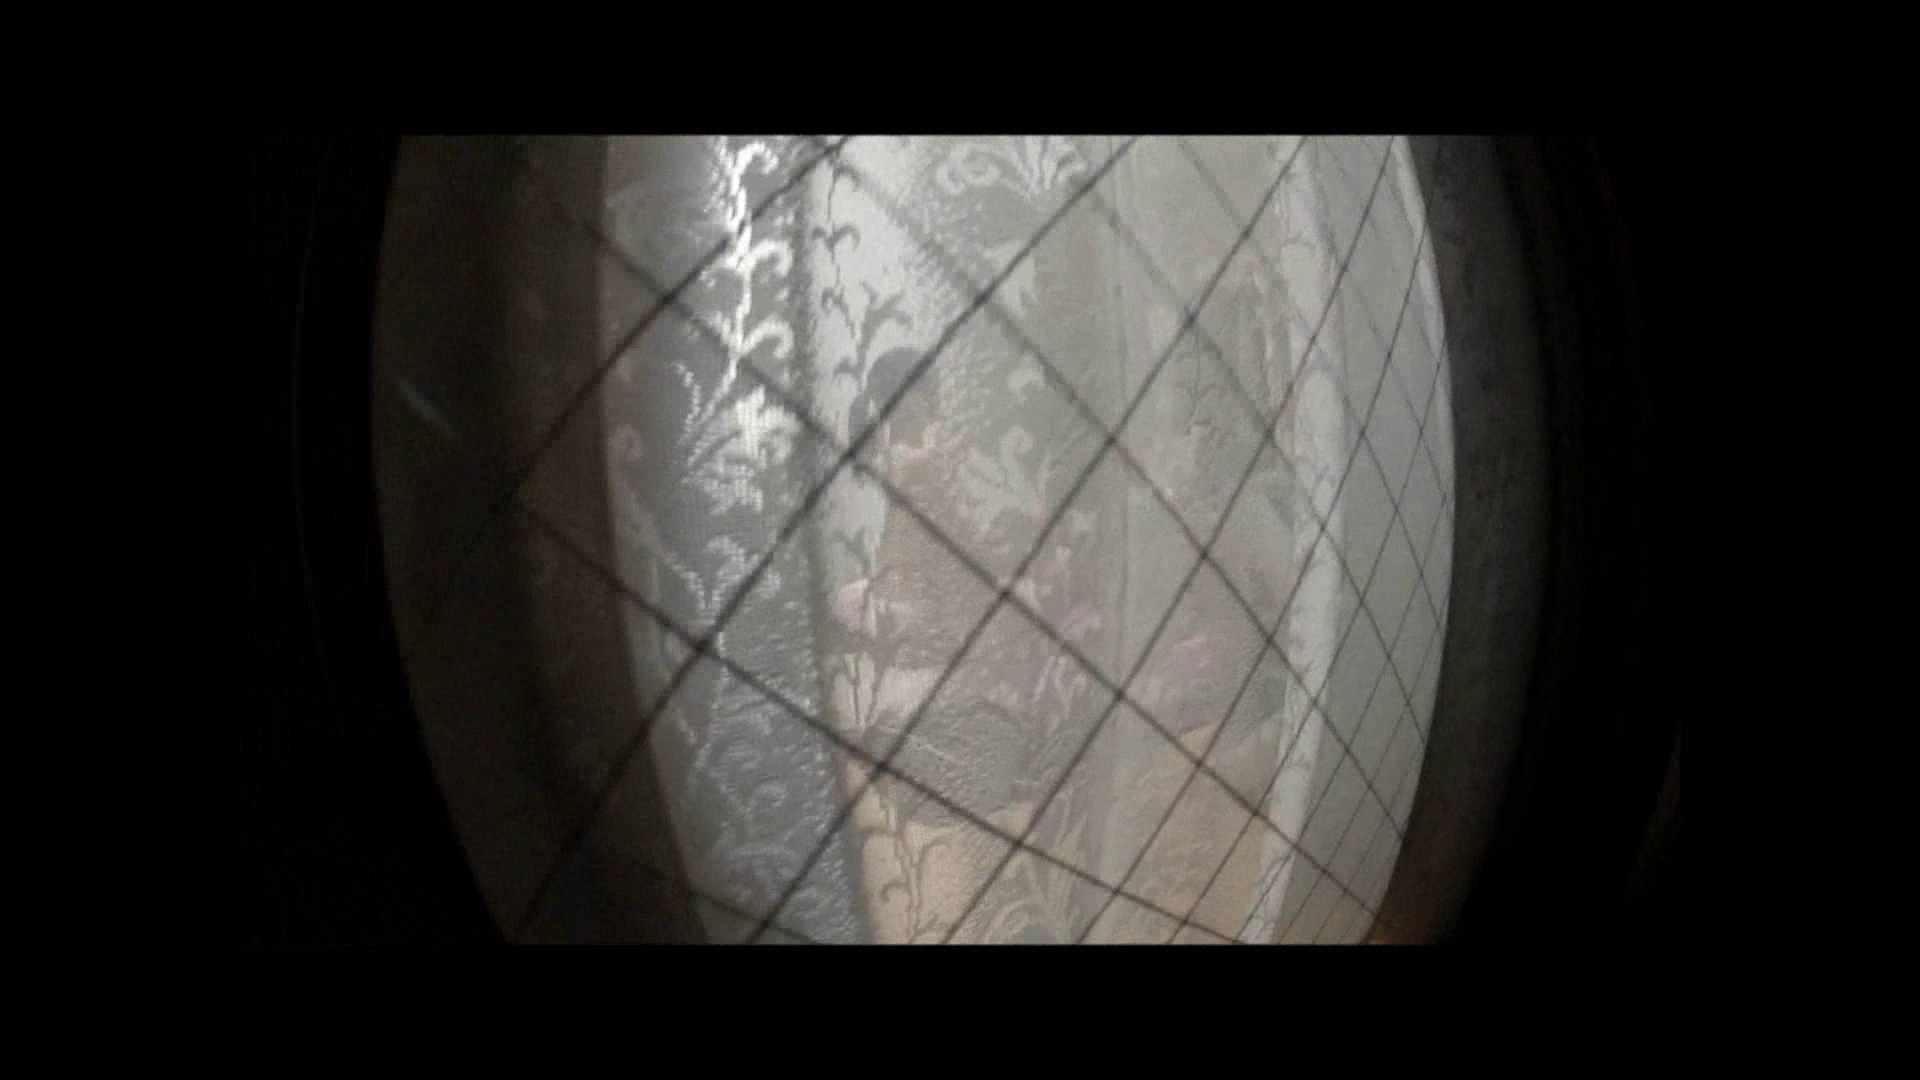 無修正エロ動画:【04】別の日・・・魚眼レンズで広角に撮れました。:大奥